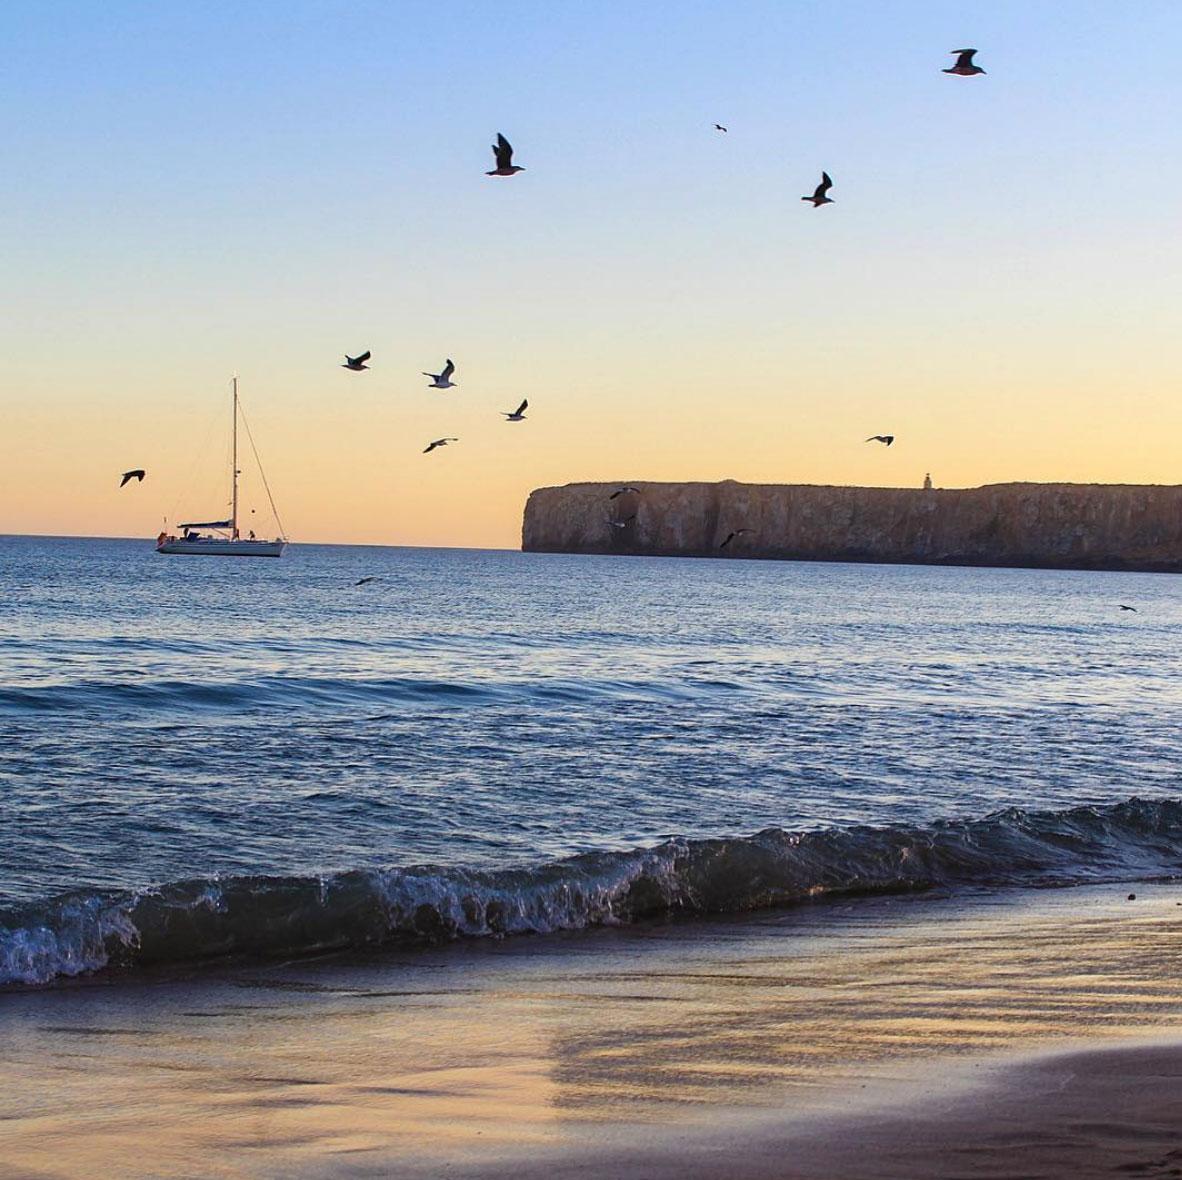 Sunset in Algarve, Portugal